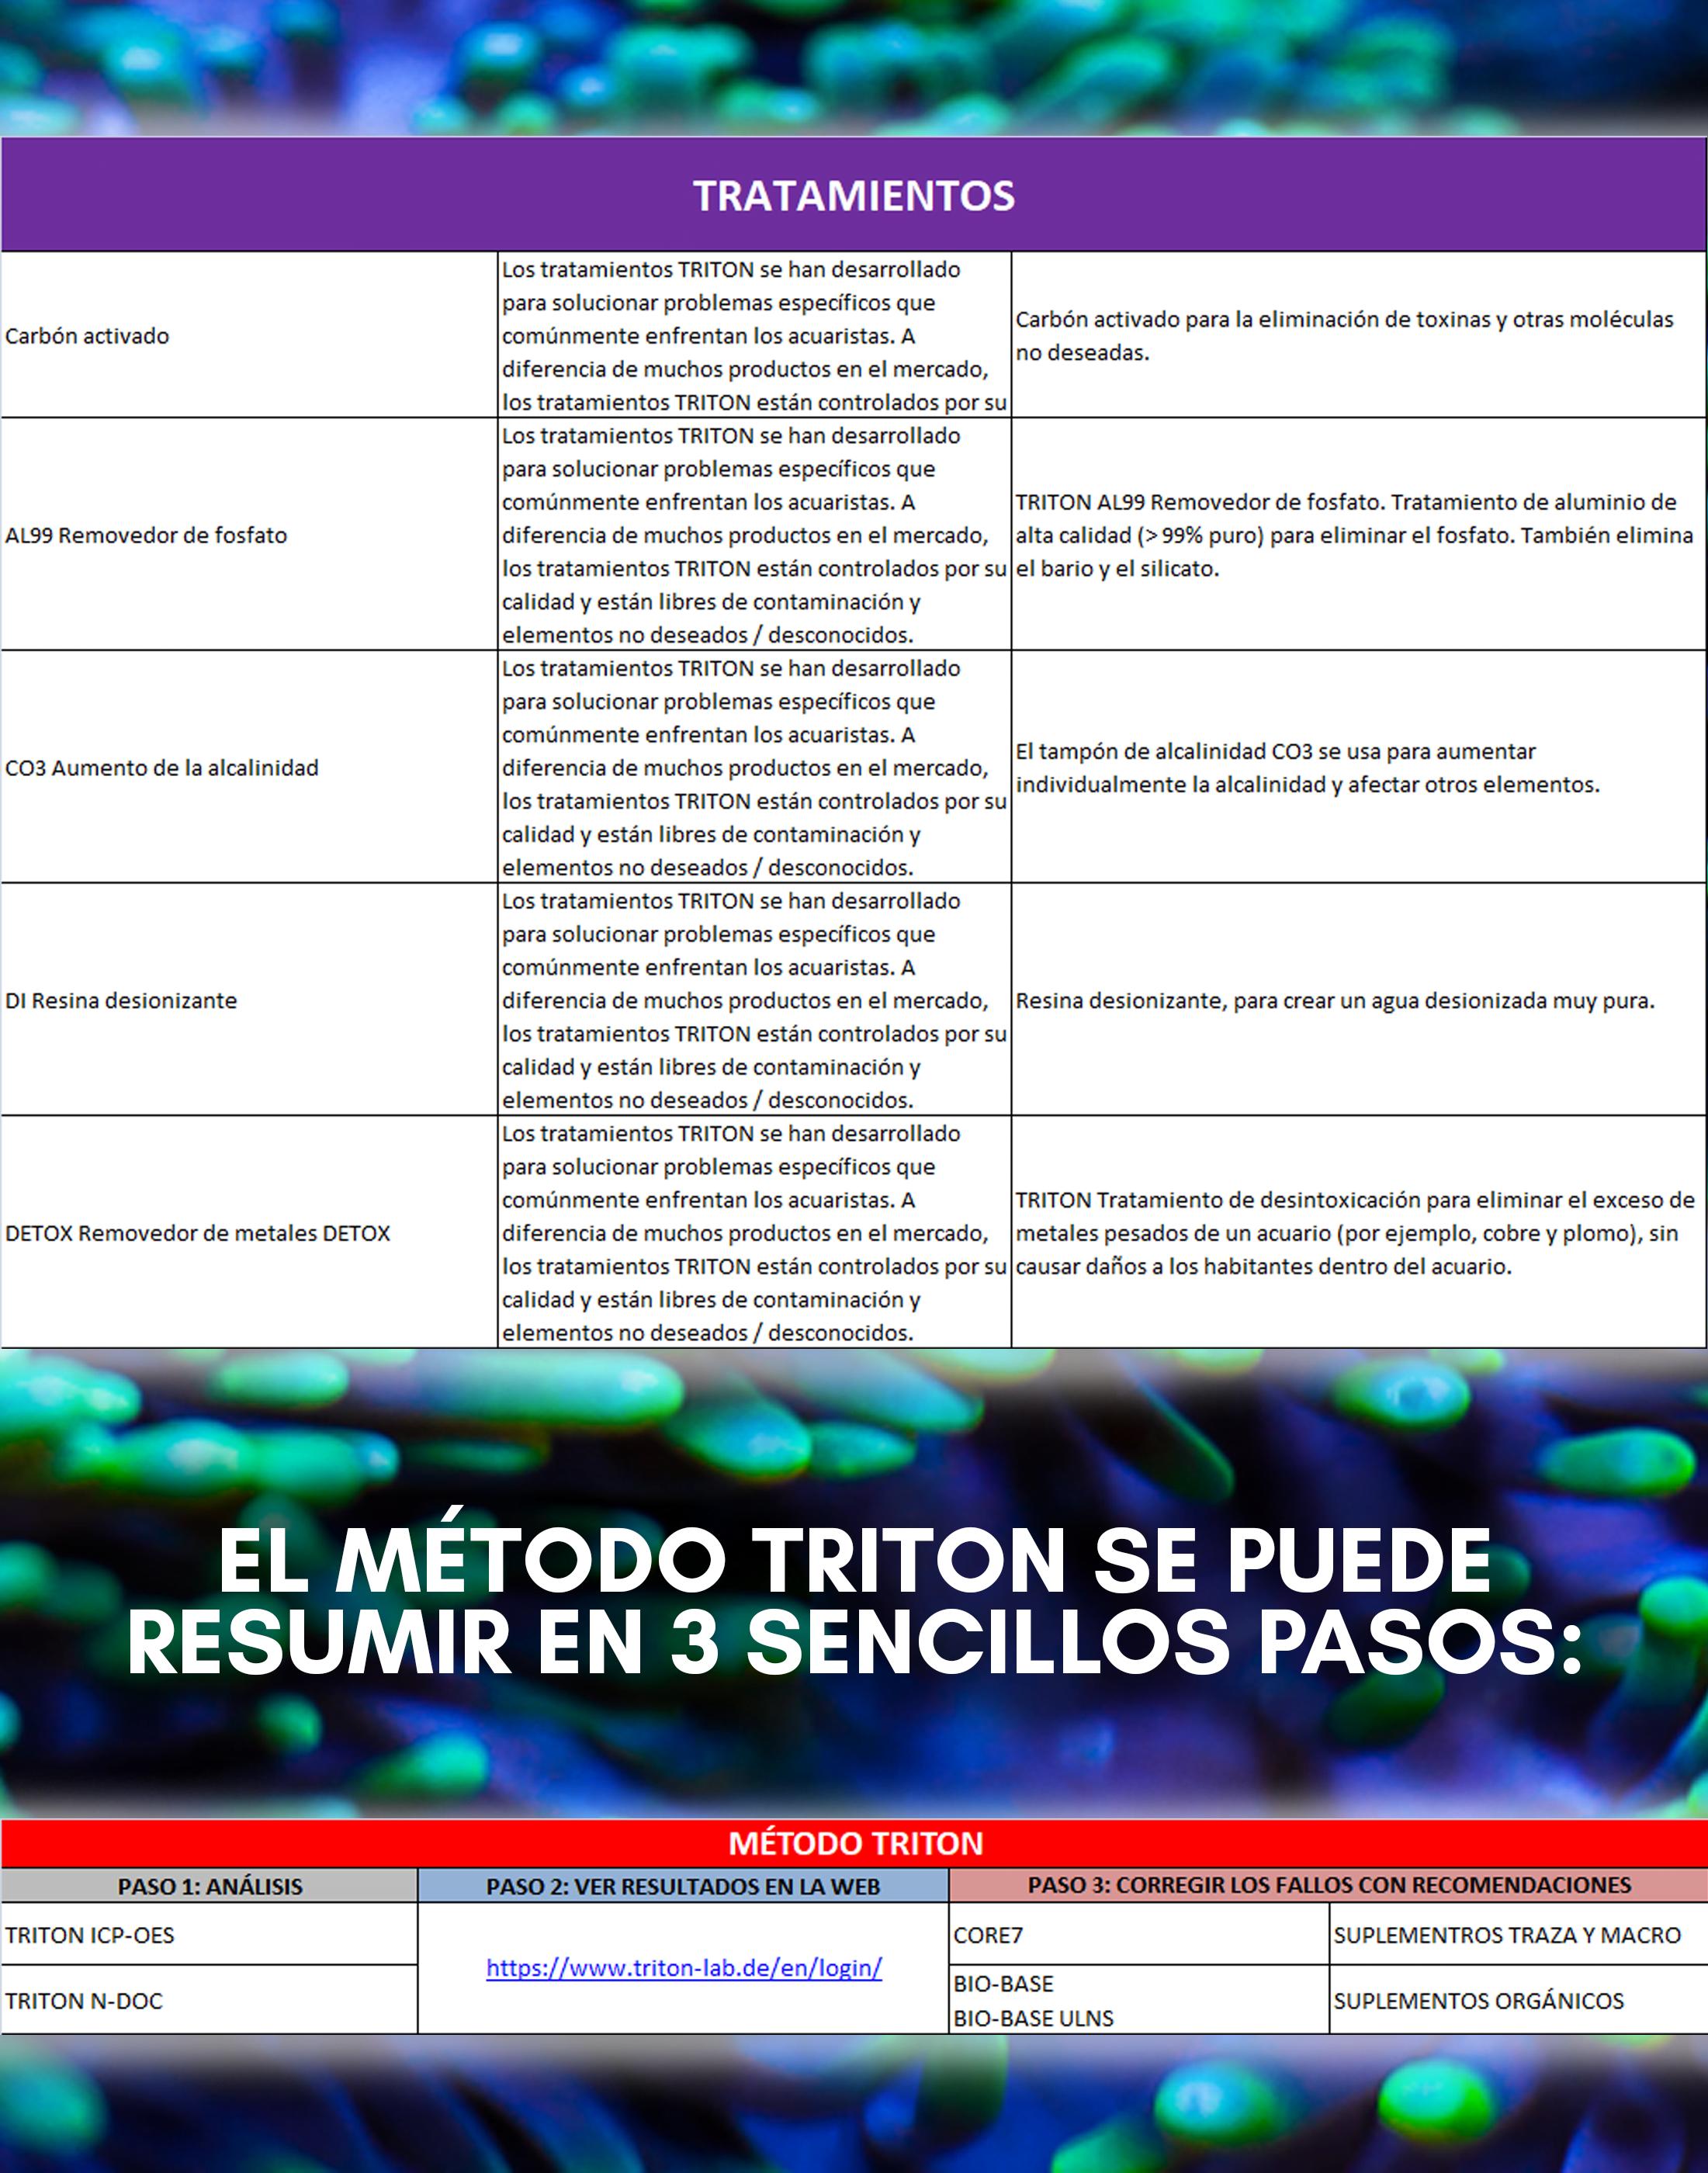 TRITON PRODUCTOS Y METODO-3